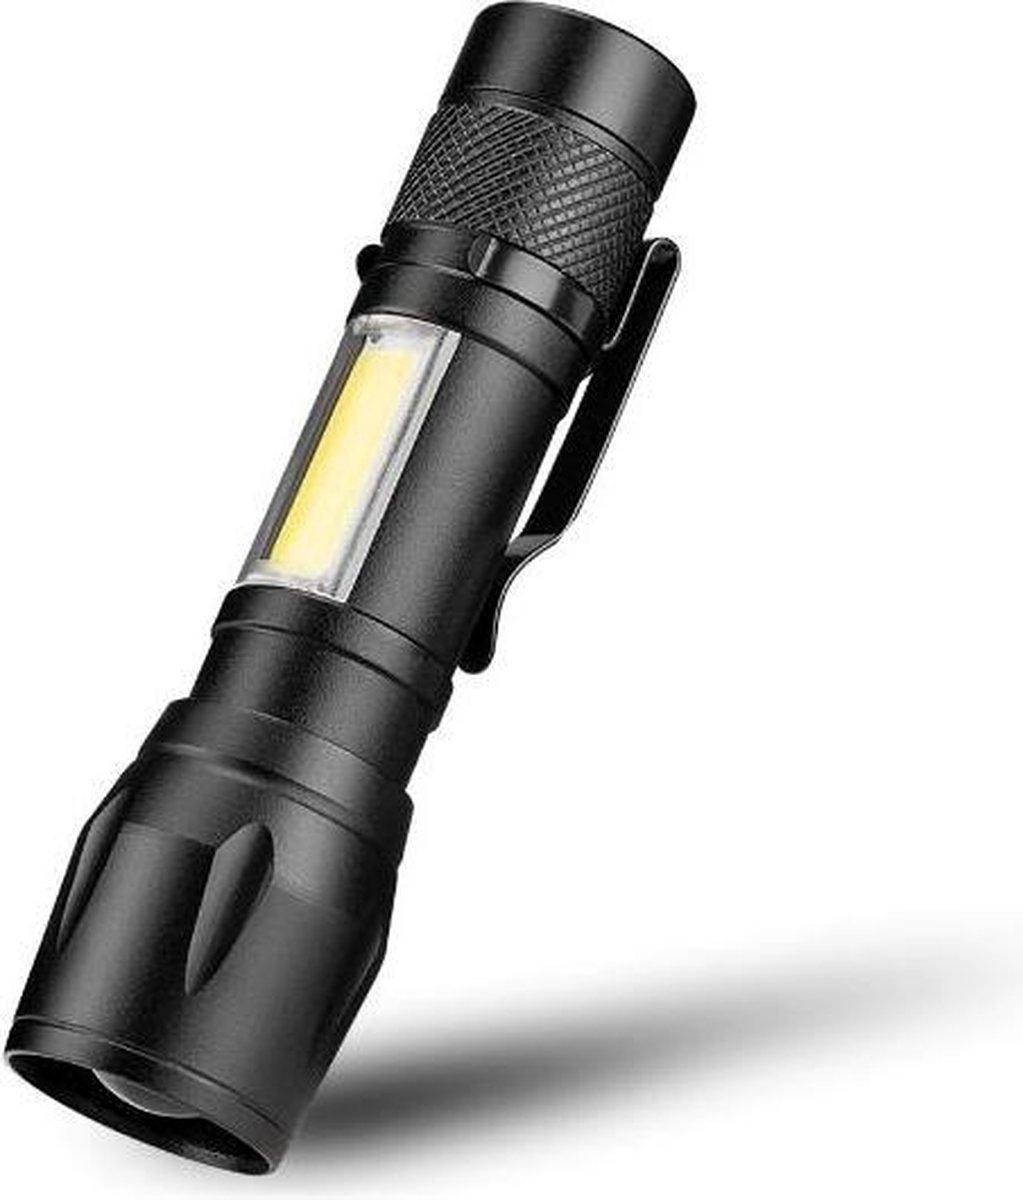 LED Zaklamp COB - Waterdicht   Inzoombaar